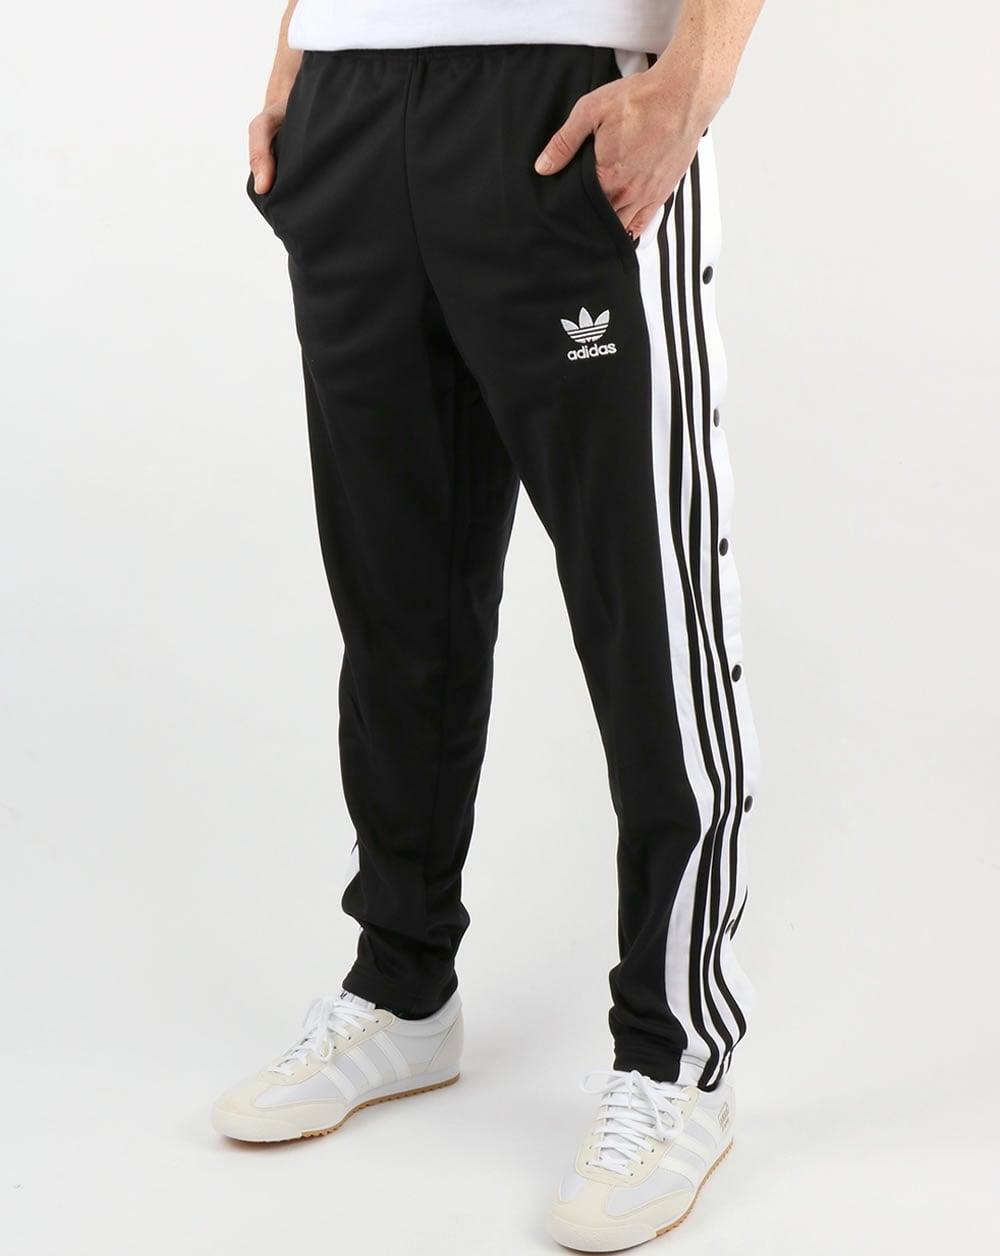 wholesale dealer 346d0 02b33 adidas Originals Adidas Originals Adibreak Track Pants Black